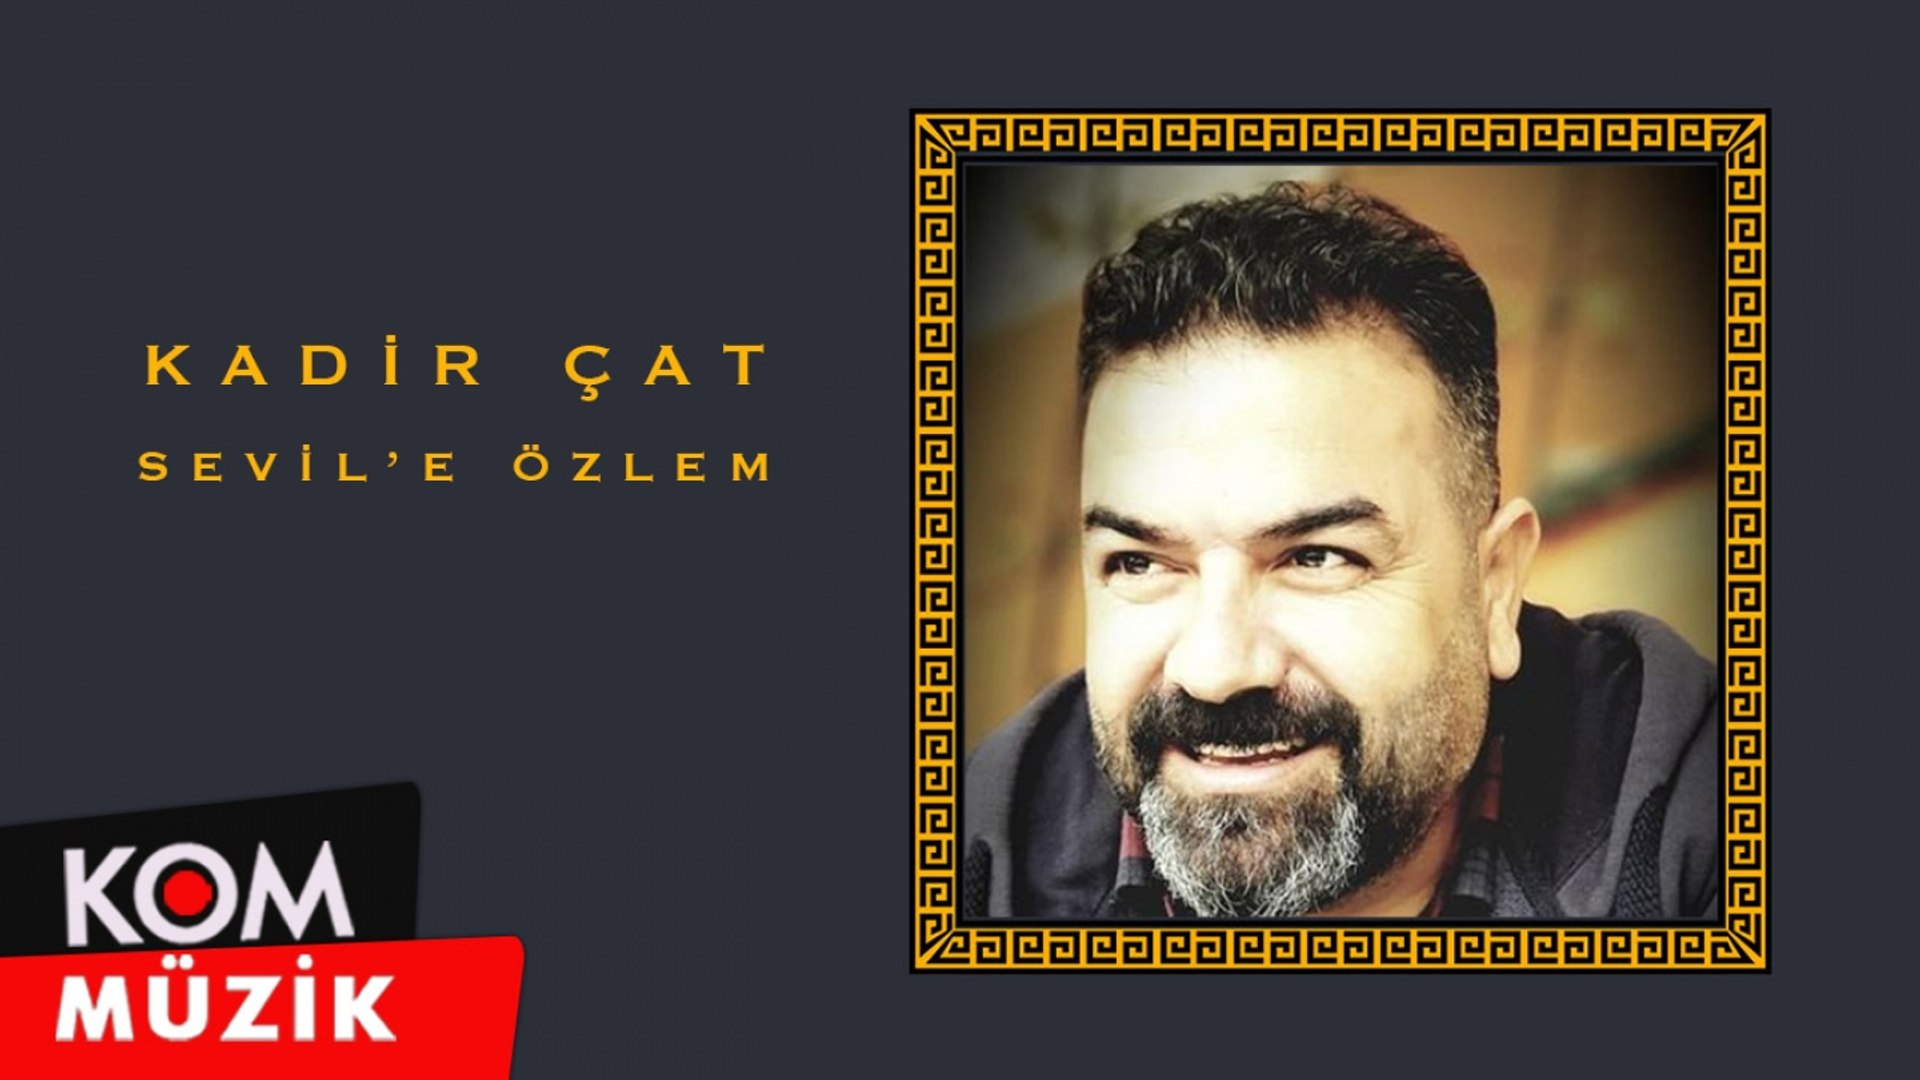 Kadir Çat - Sevil'e Özlem (2020 © Kom Müzik)